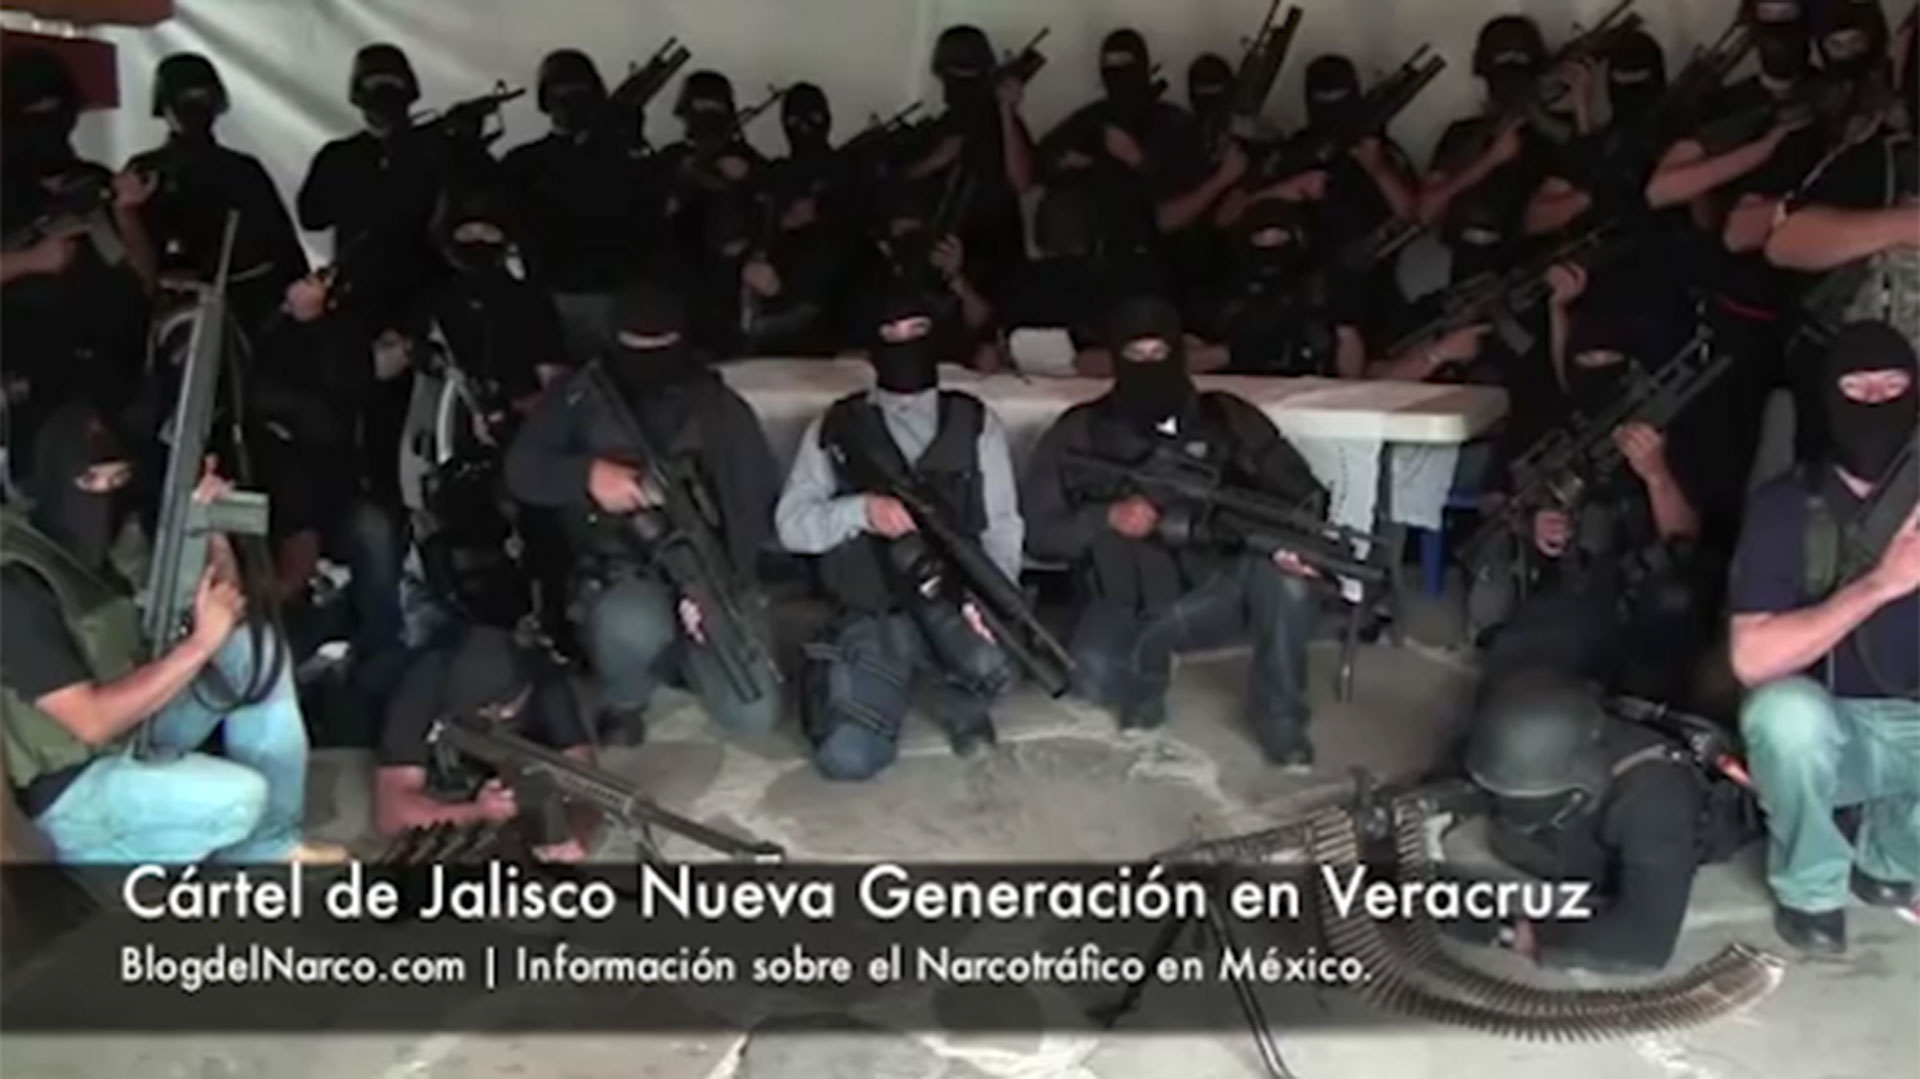 Miembros del Cártel Jalisco Nueva Generación que han operado y peleado por el control de varios estados de México con cárteles rivales